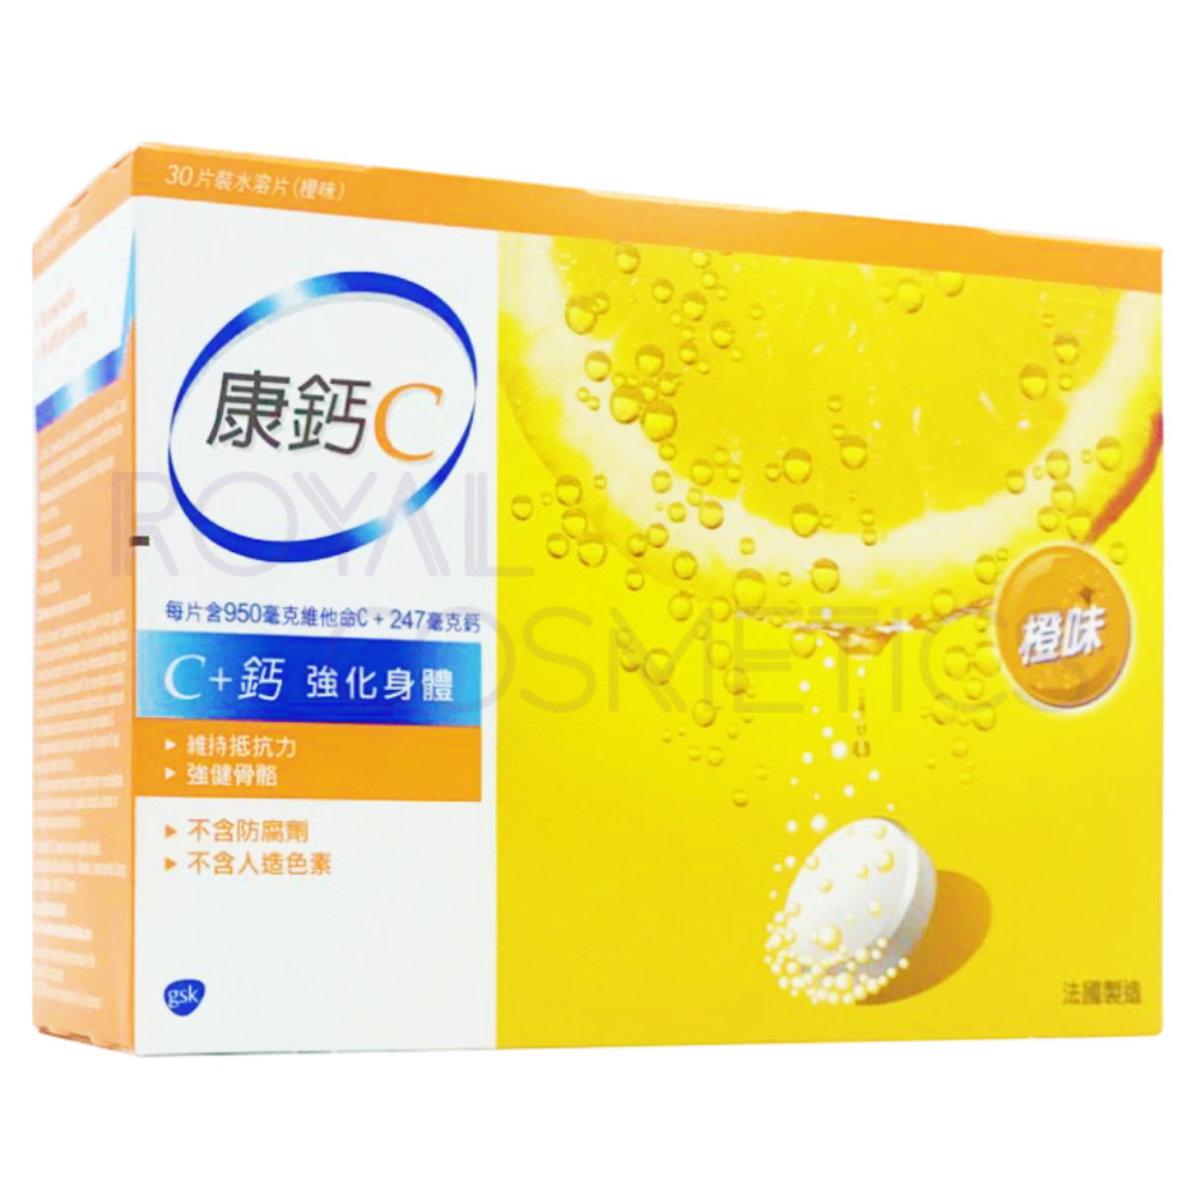 1000毫克維他命C水溶片 #橙味 30片(4891034028032)